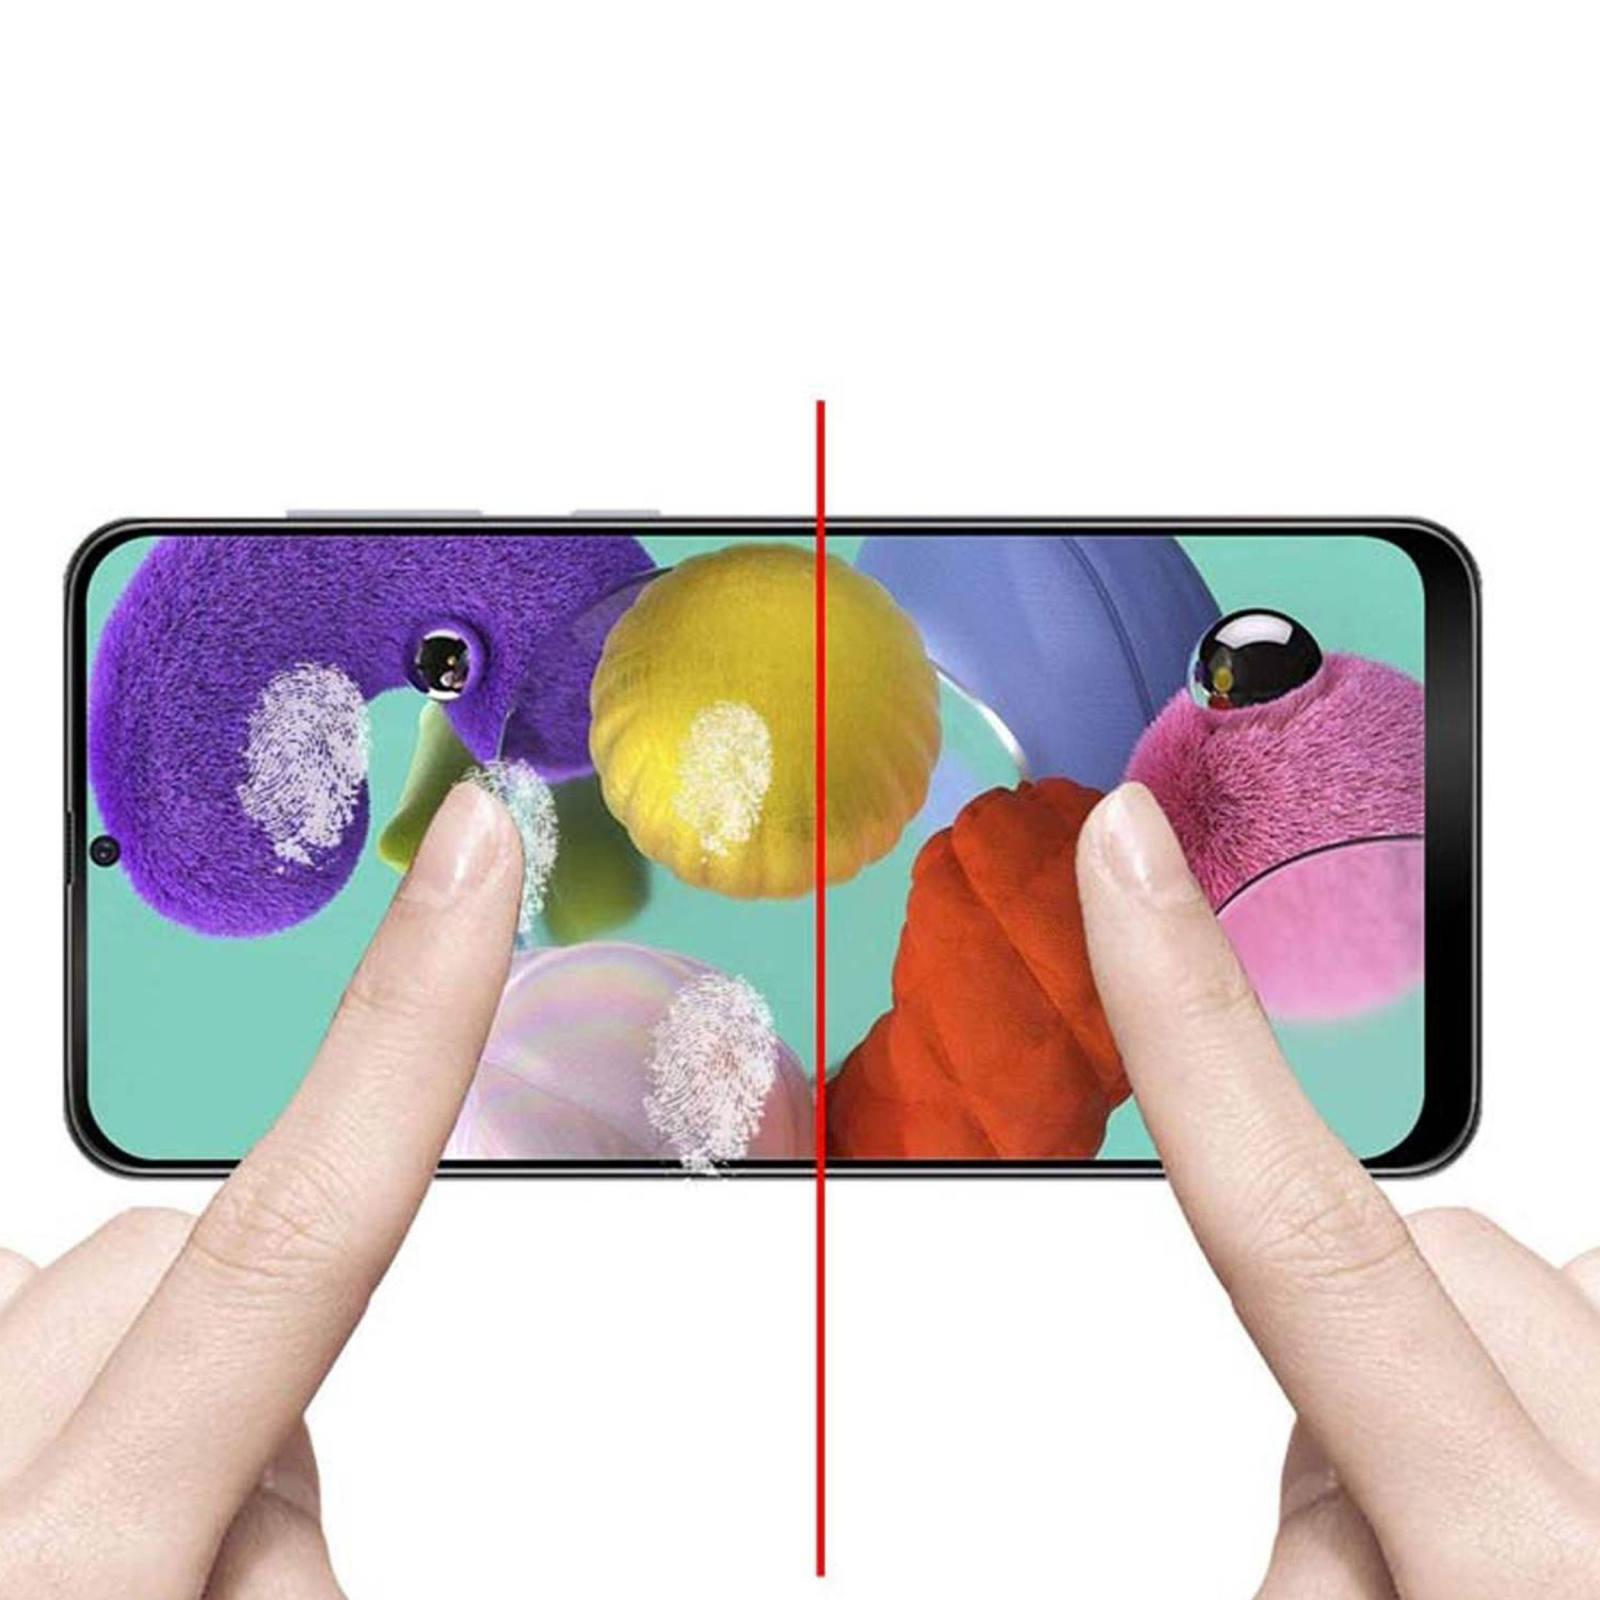 محافظ صفحه نمایش آیرون من مدل Rinbo مناسب برای گوشی موبایل سامسونگ Galaxy A50/A50s/A30s/A30  thumb 7